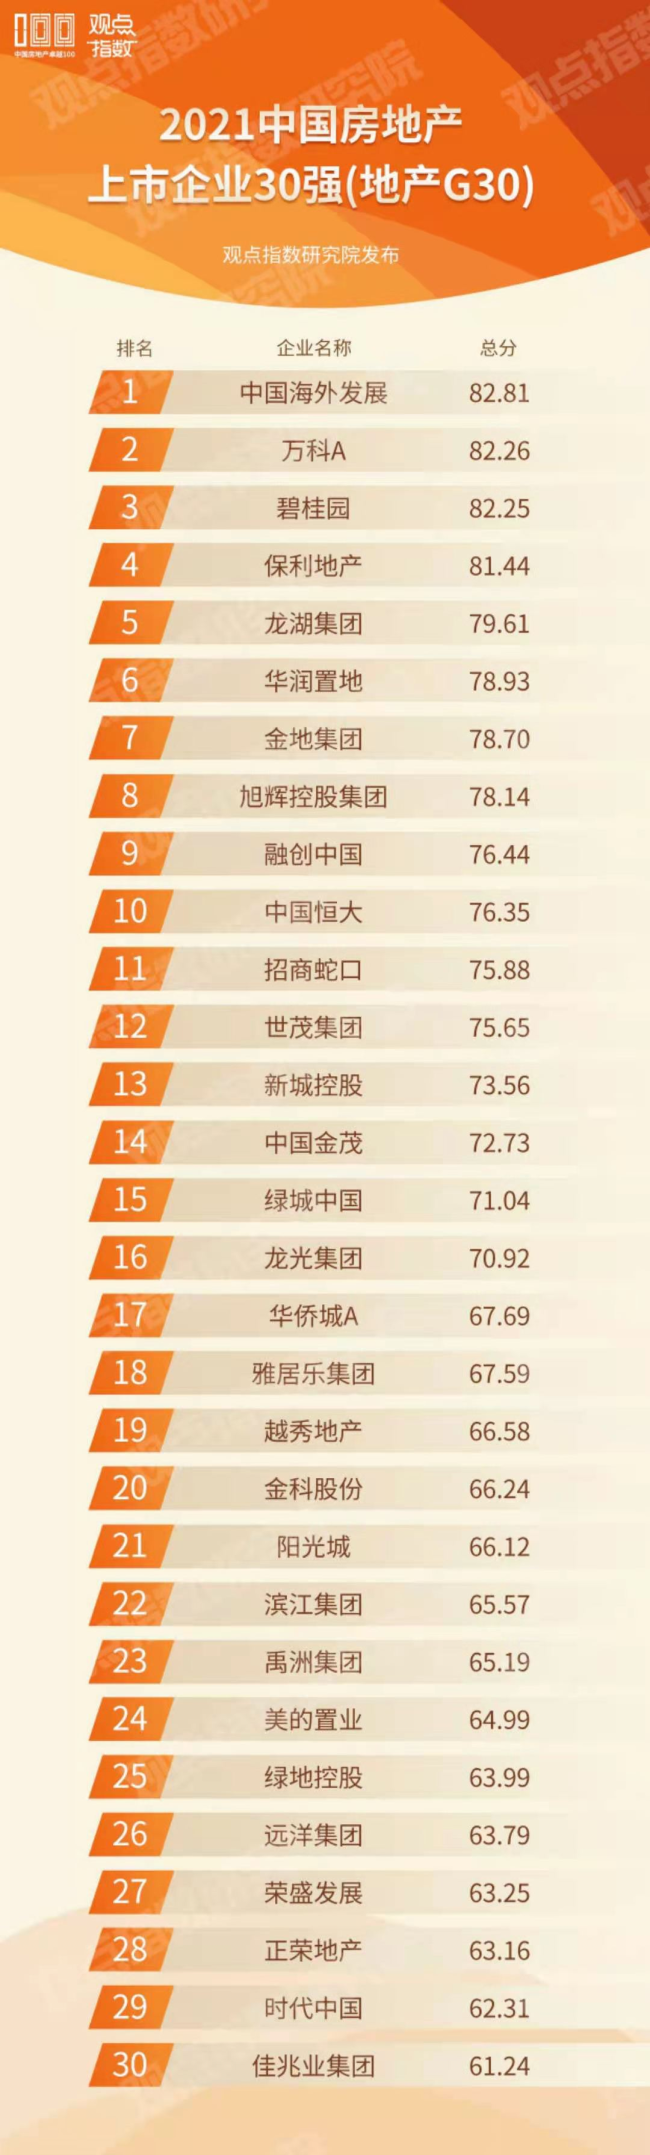 """中海发展获评""""2021中国房地产上市企业30强""""第一名"""